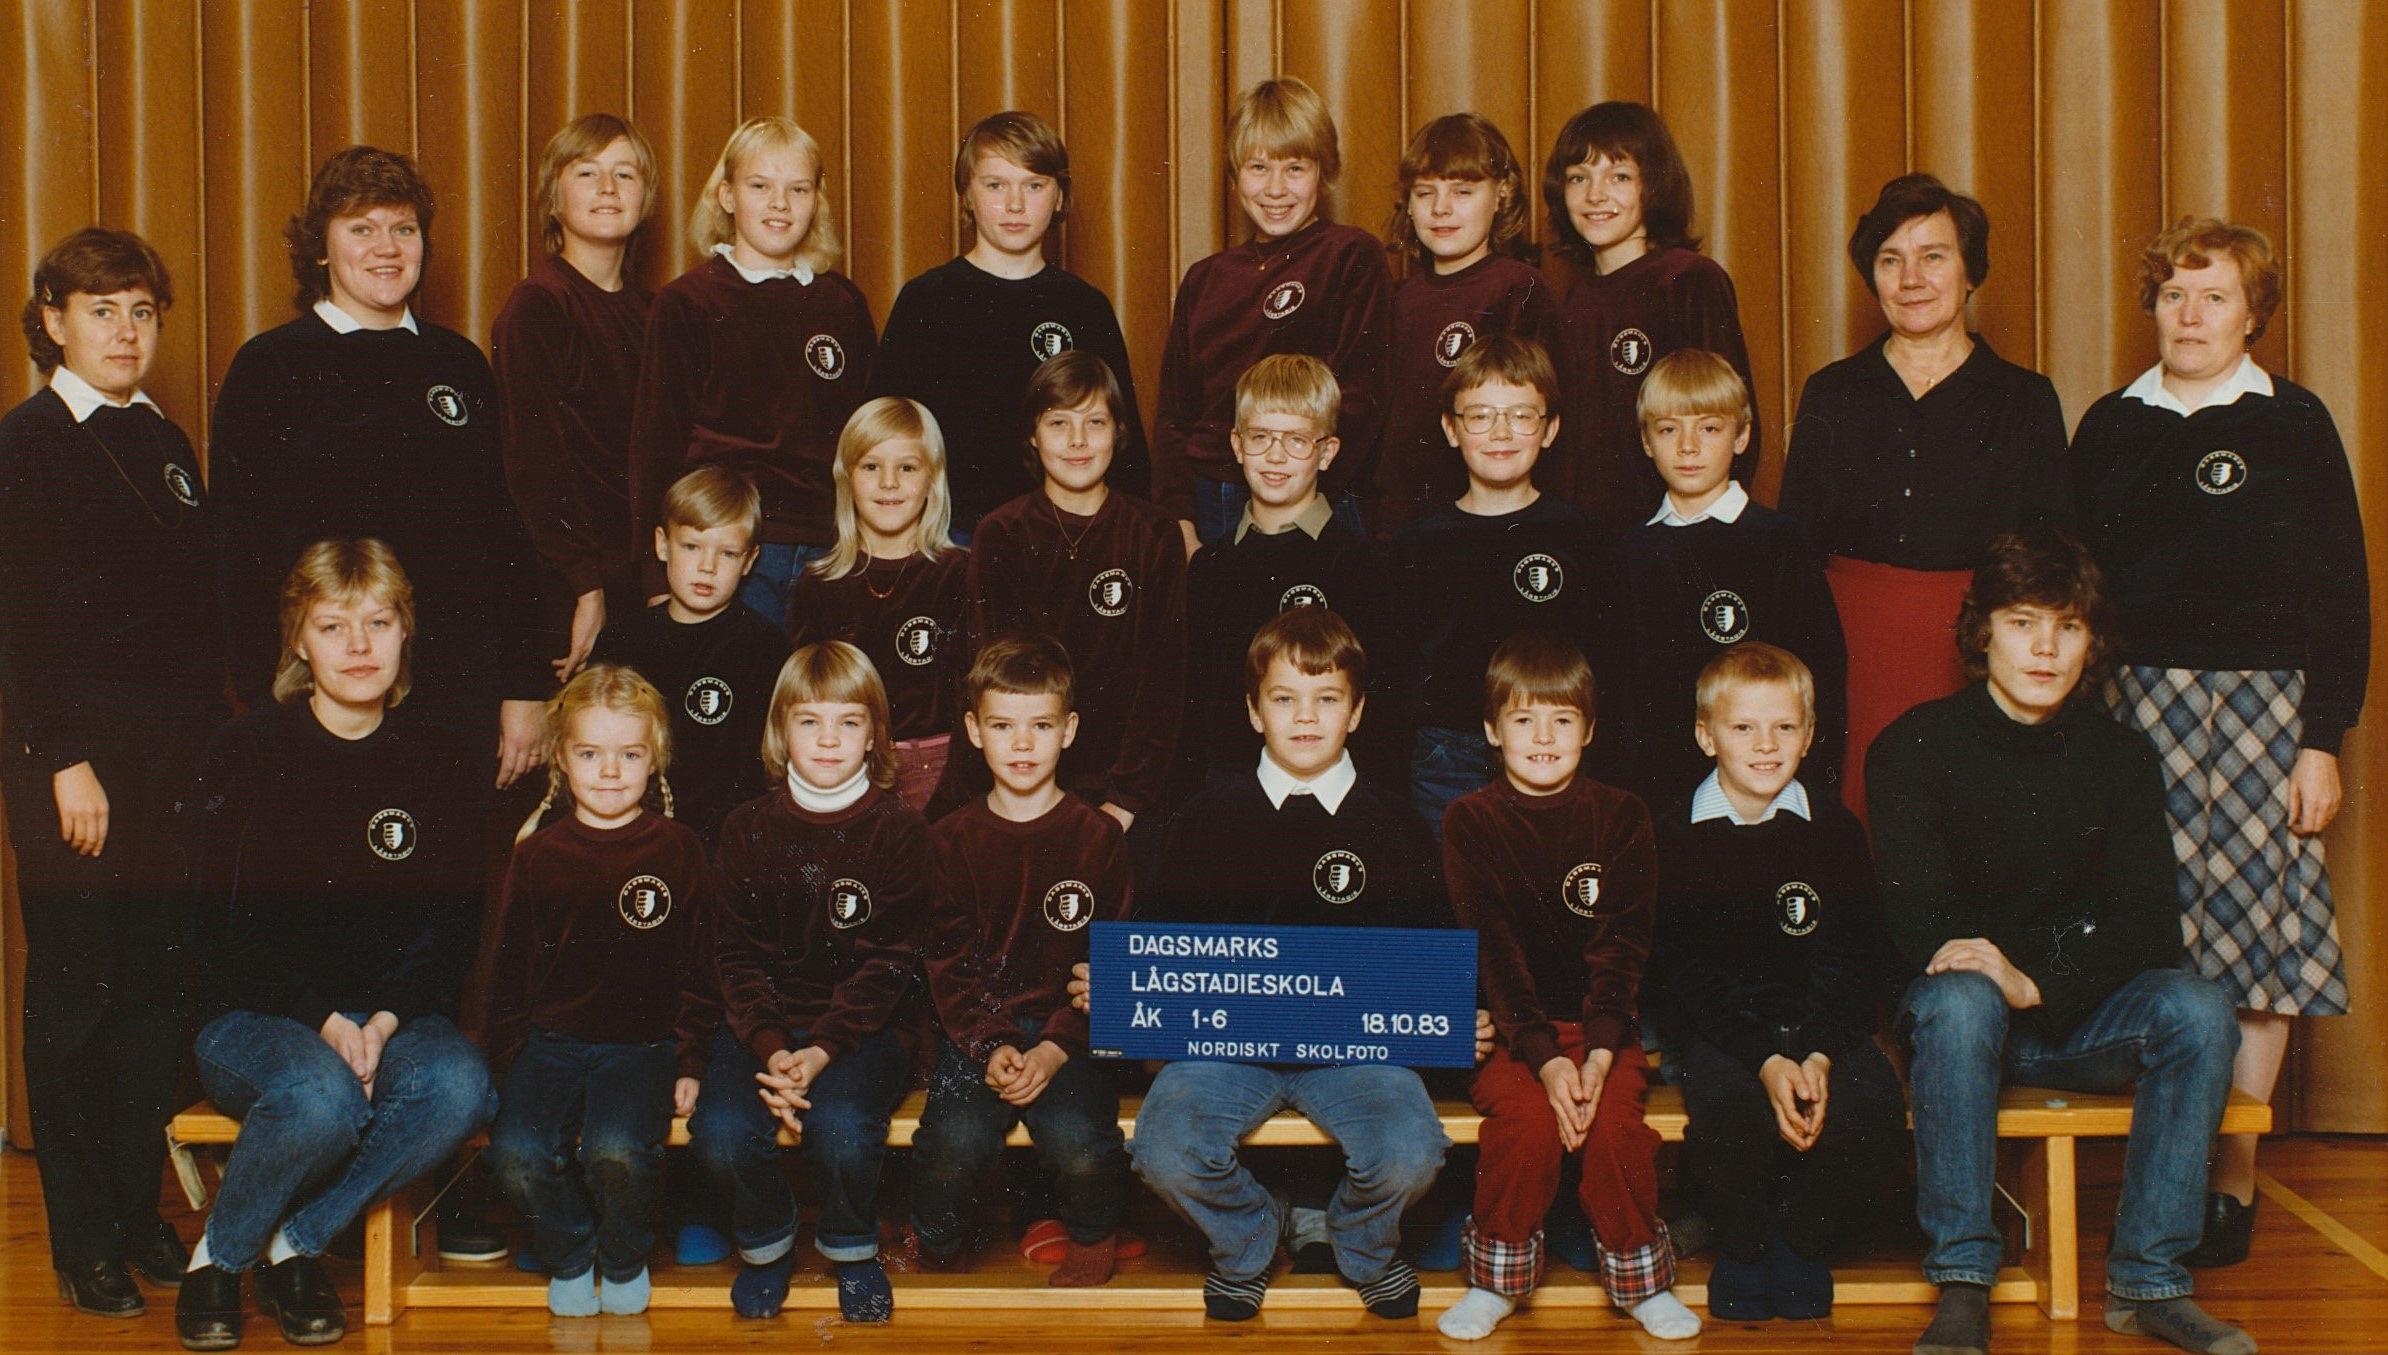 År 1983, Dagsmark skola.